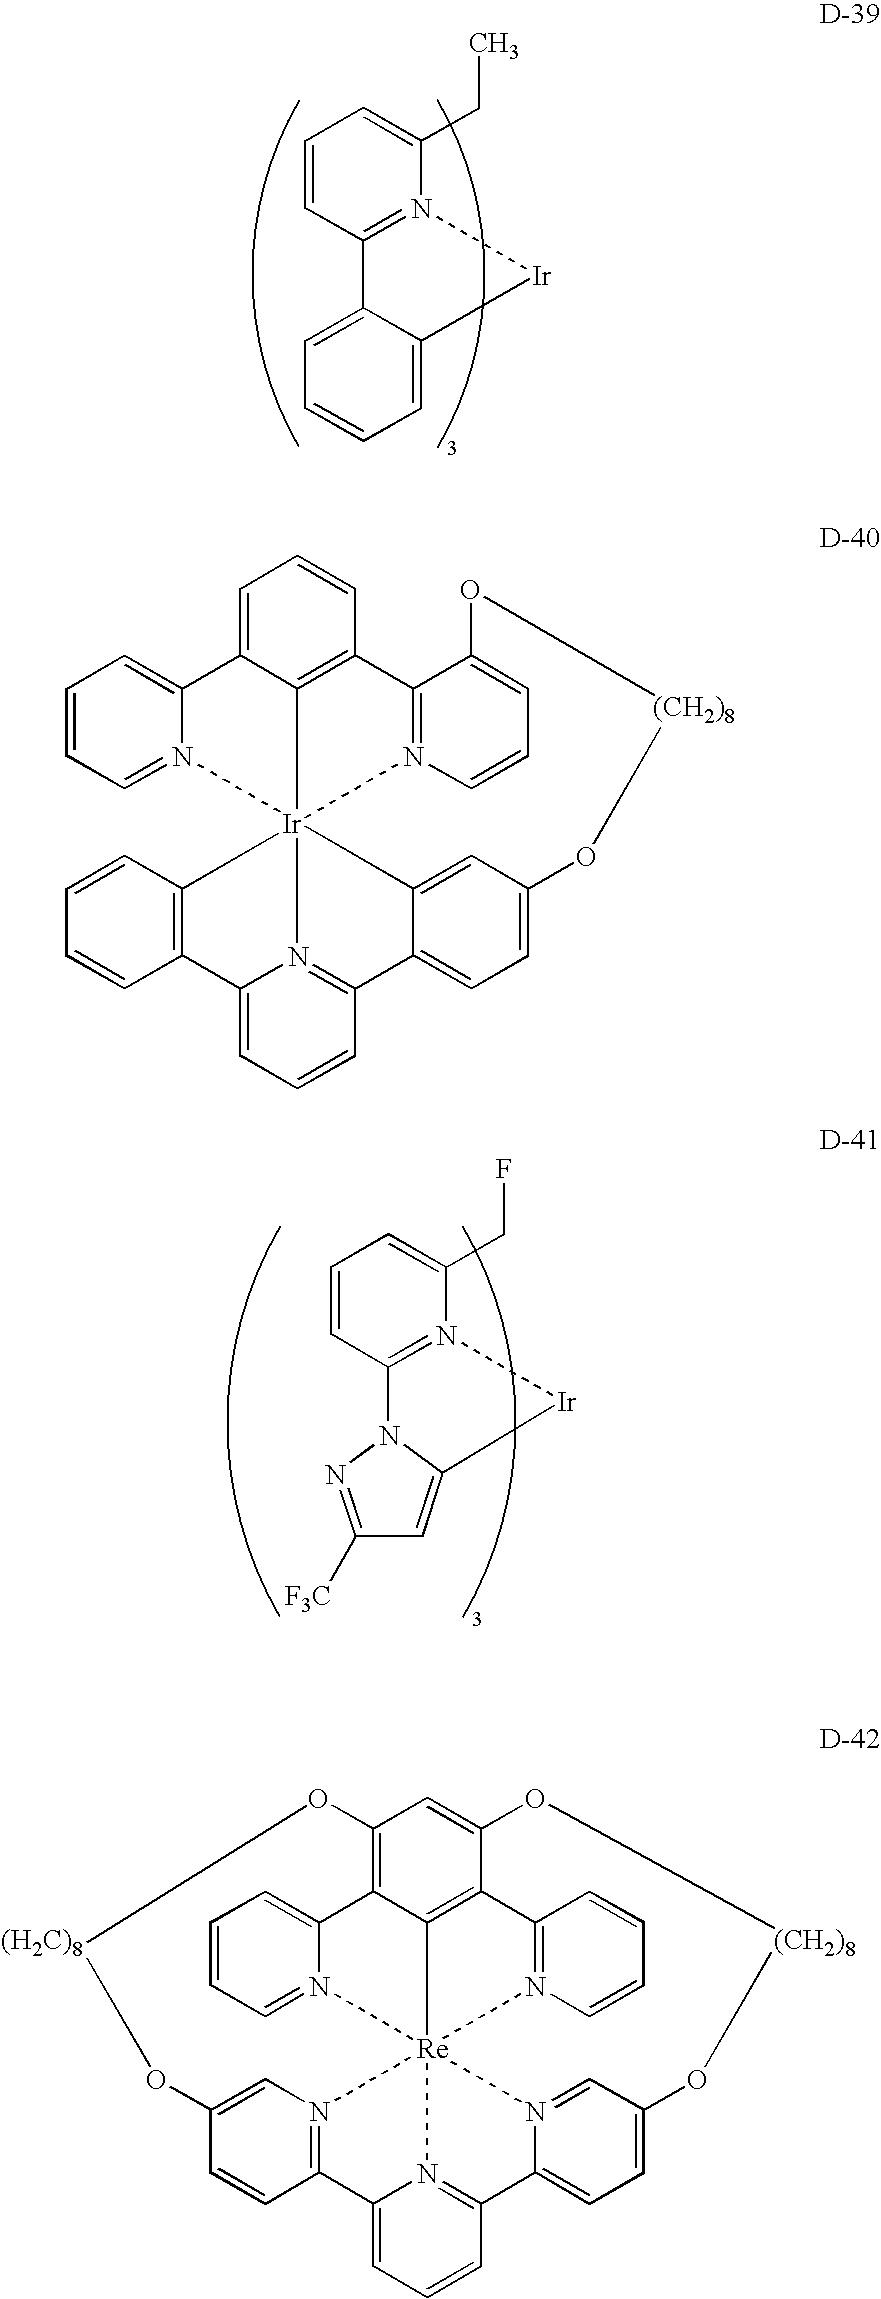 Figure US20090001360A1-20090101-C00009